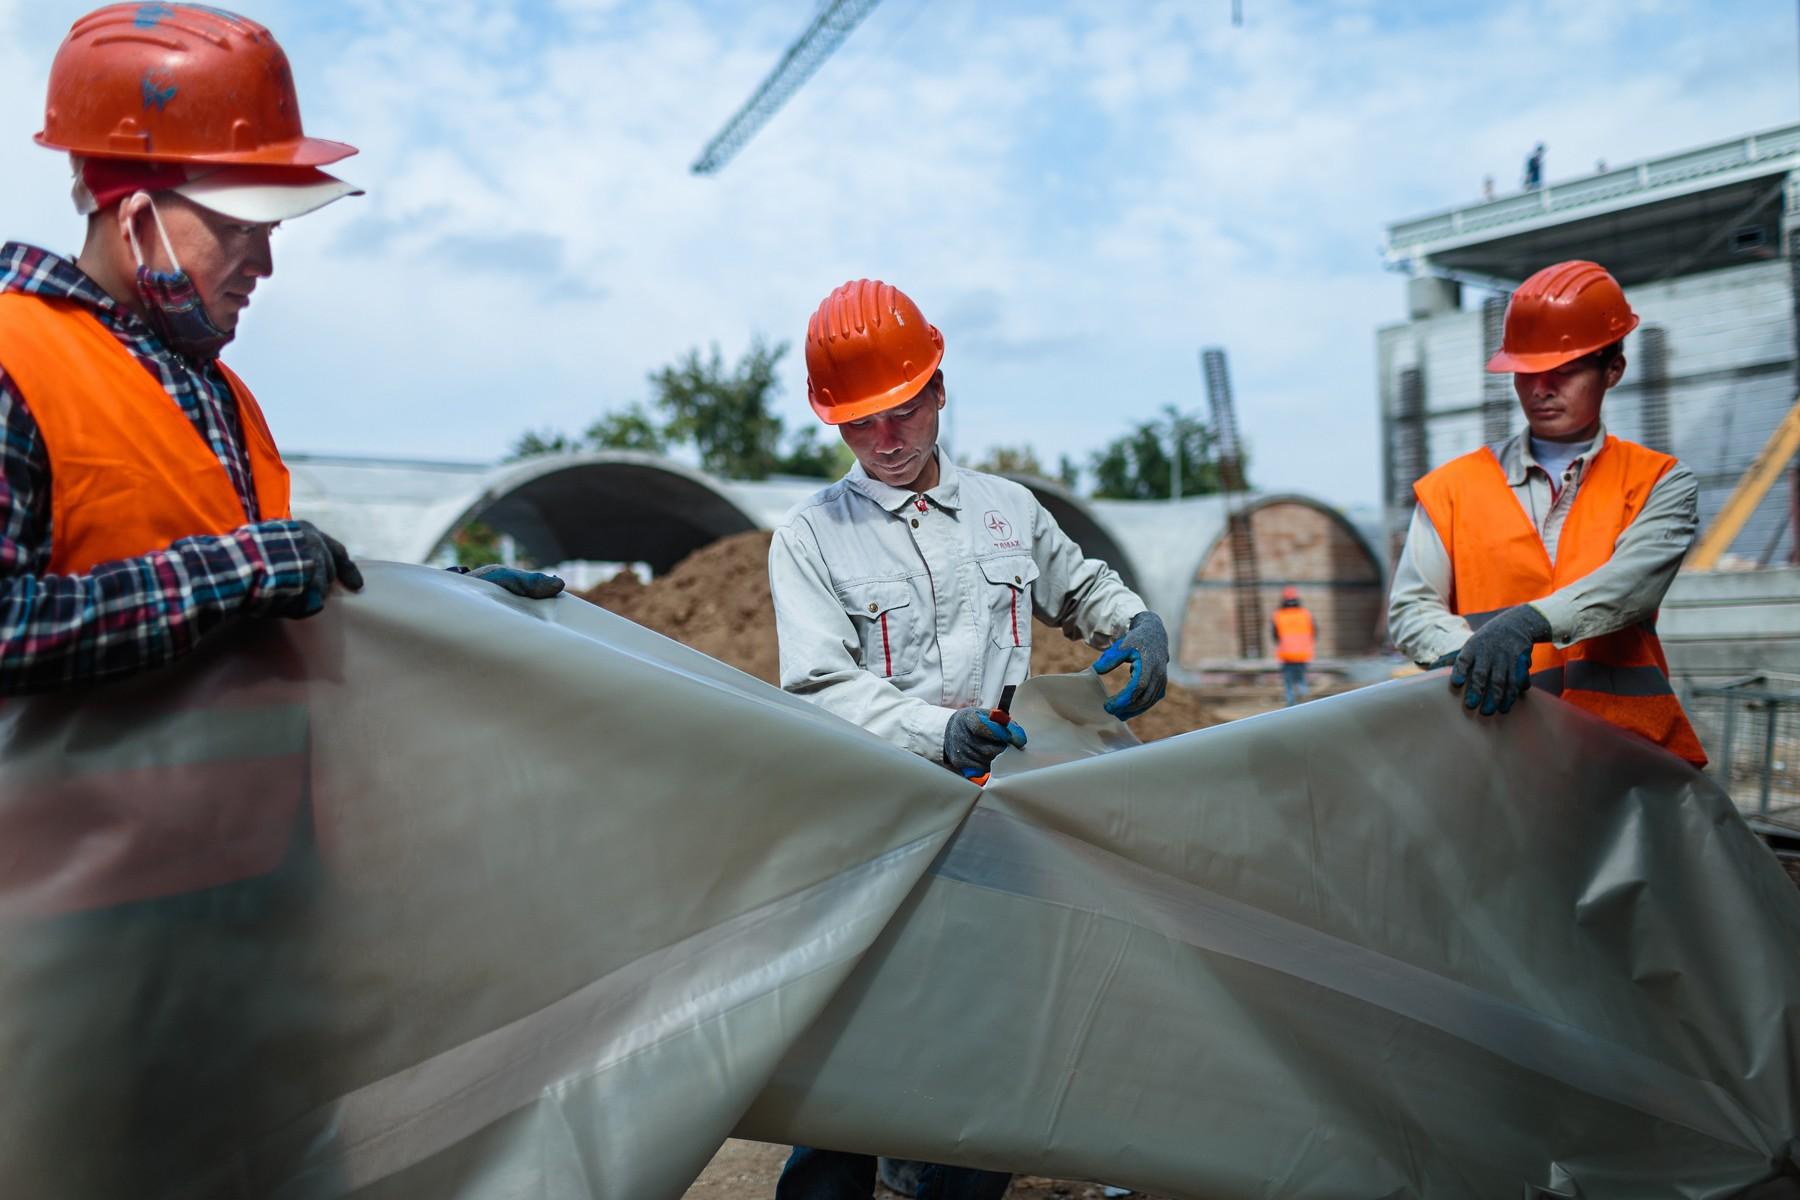 Radnici iz Vijetnama rade na gradilištu u pregrađu Bukurešta